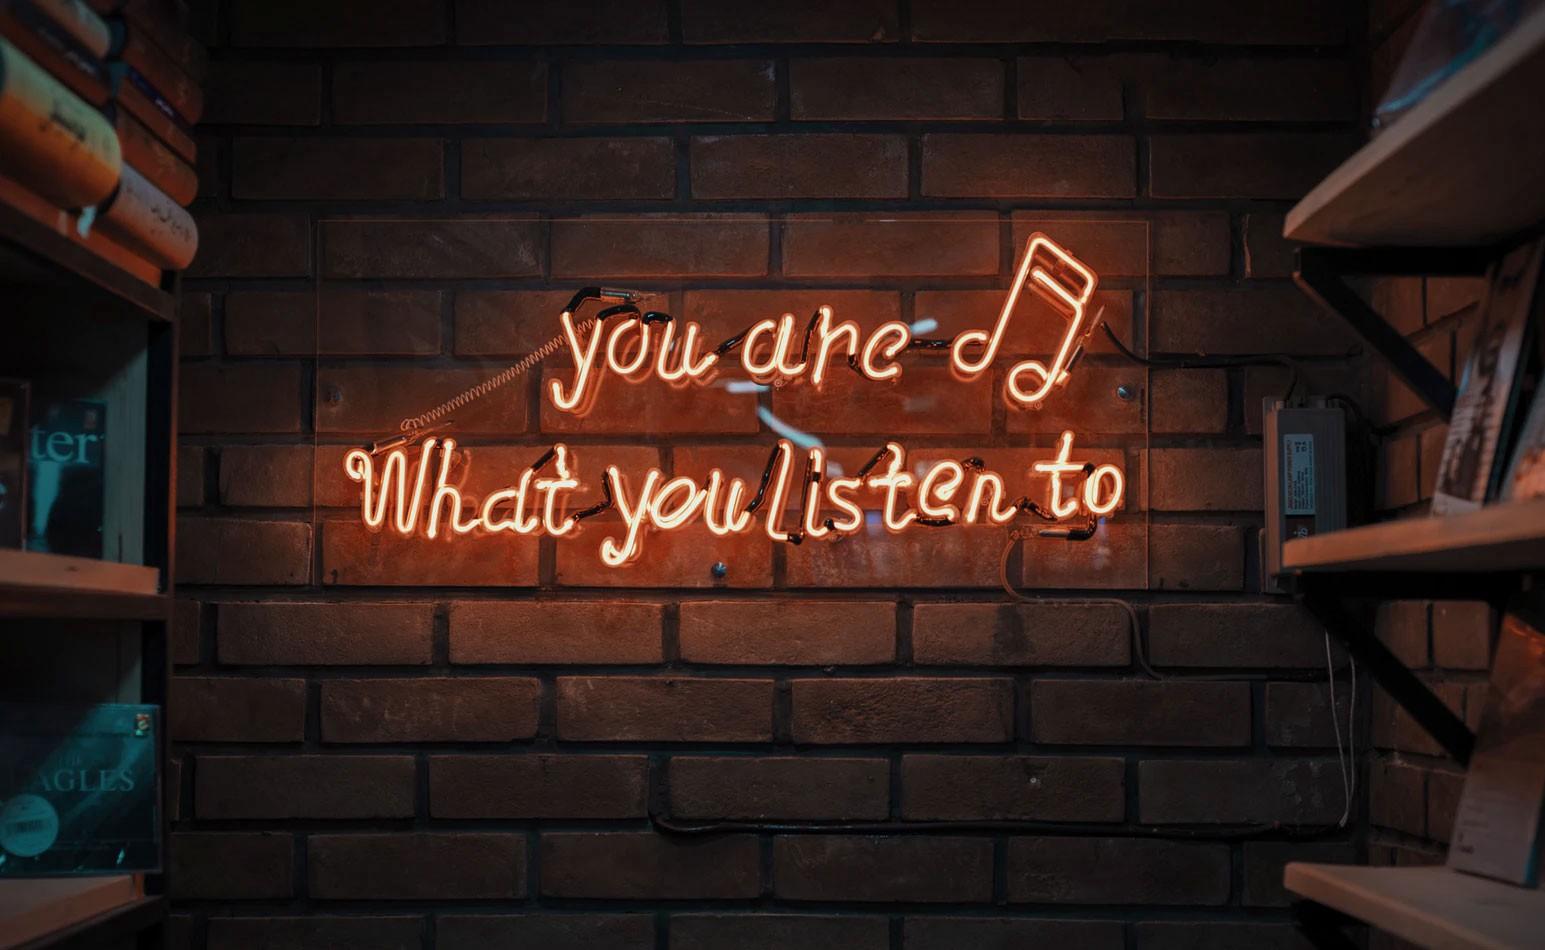 Şuan Ne Dinliyorsun